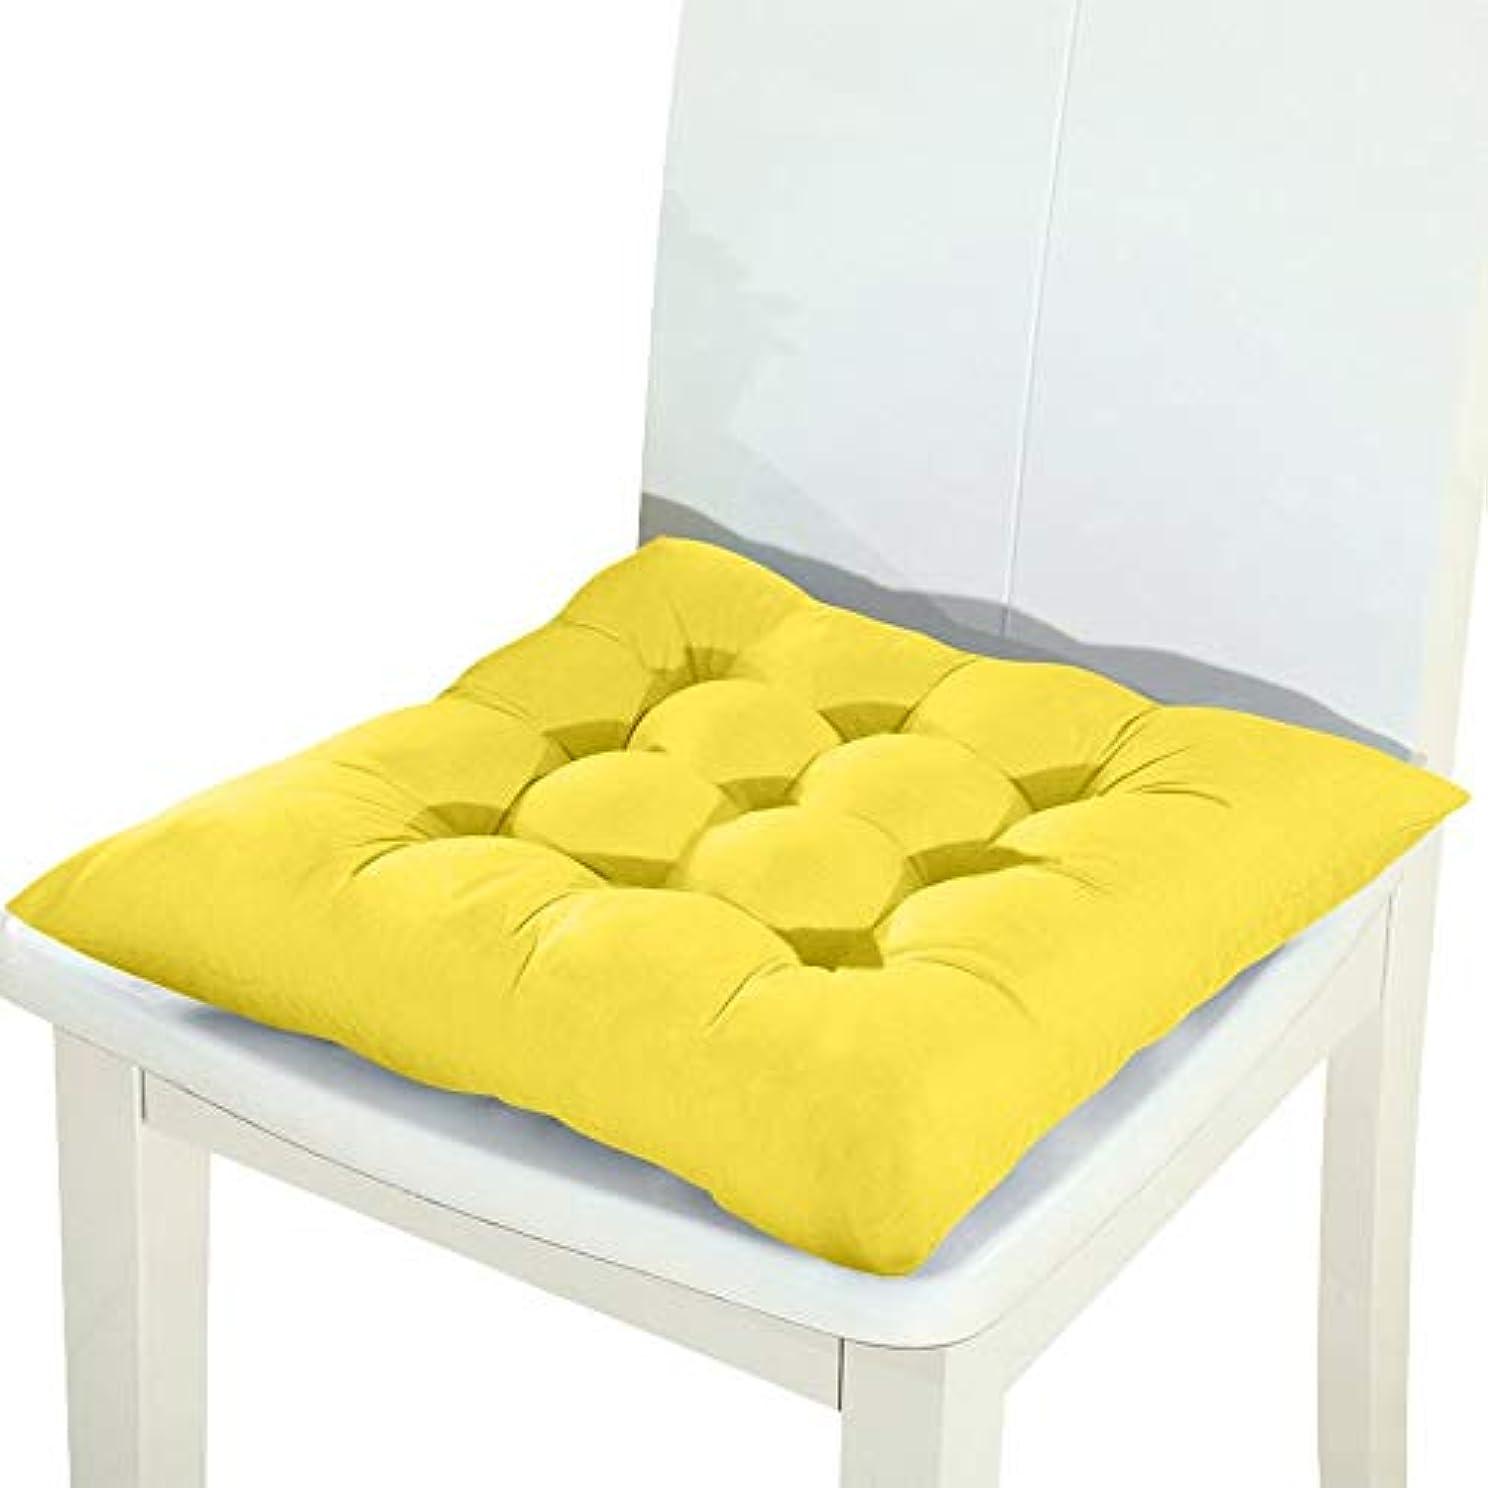 アンカー佐賀共産主義者LIFE 1/2/4 個冬オフィスバー椅子バックシートクッションシートクッションパッドソファ枕臀部椅子クッション 37 × 37 センチメートル クッション 椅子